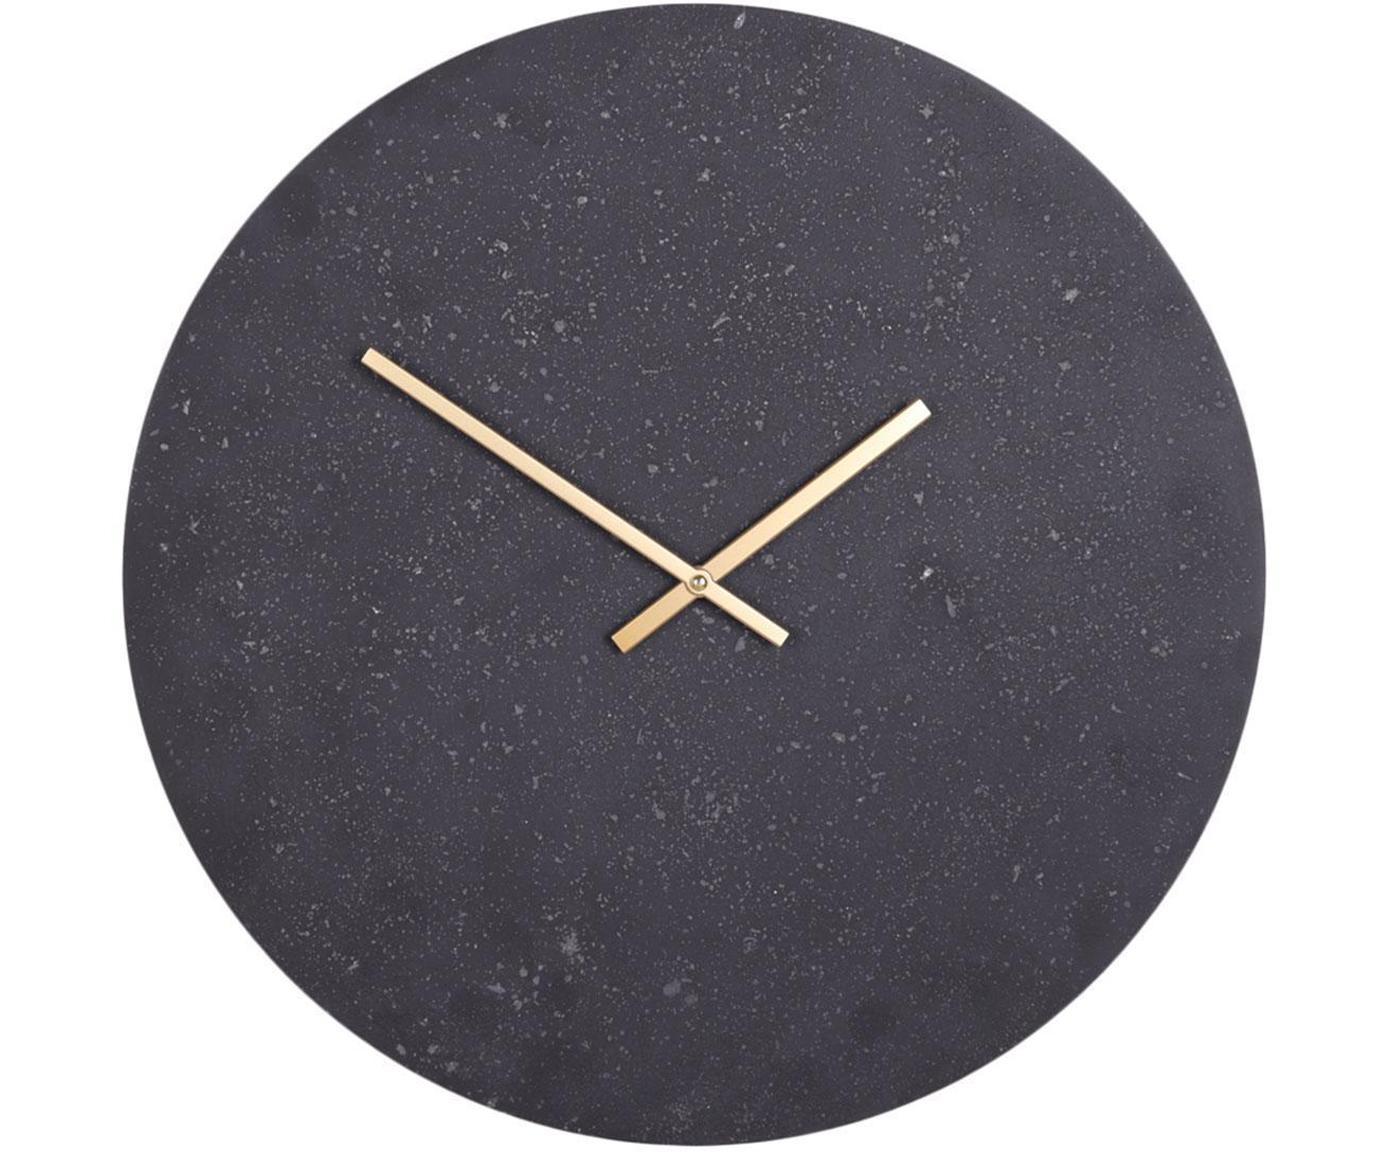 Reloj de pared Paris, Madera contrachapada, Negro, Ø 50 cm